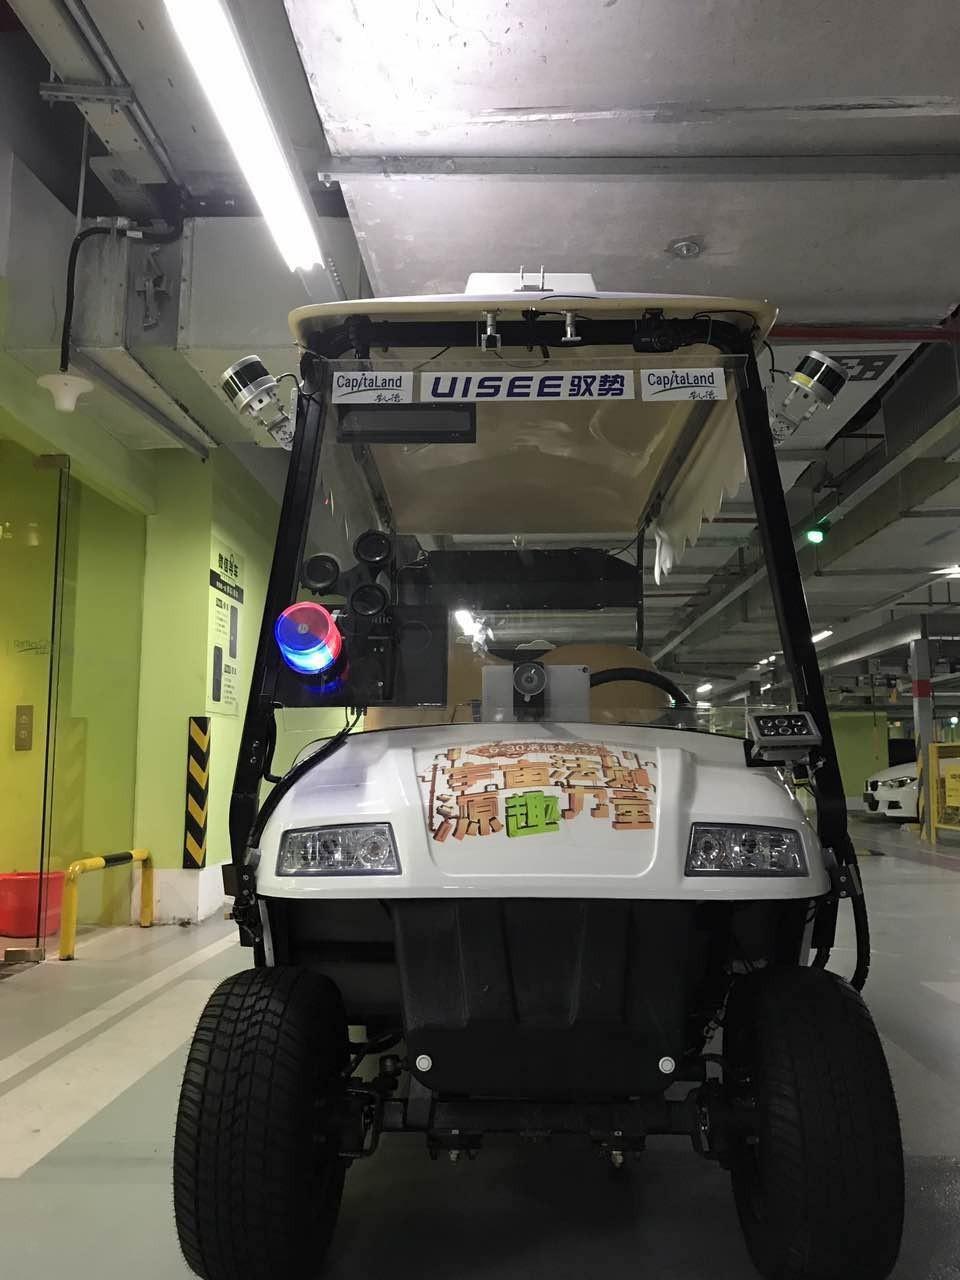 4 个座位、2 个激光雷达、2 个摄像头……驭势科技的低速无人车是这样在杭州落地的